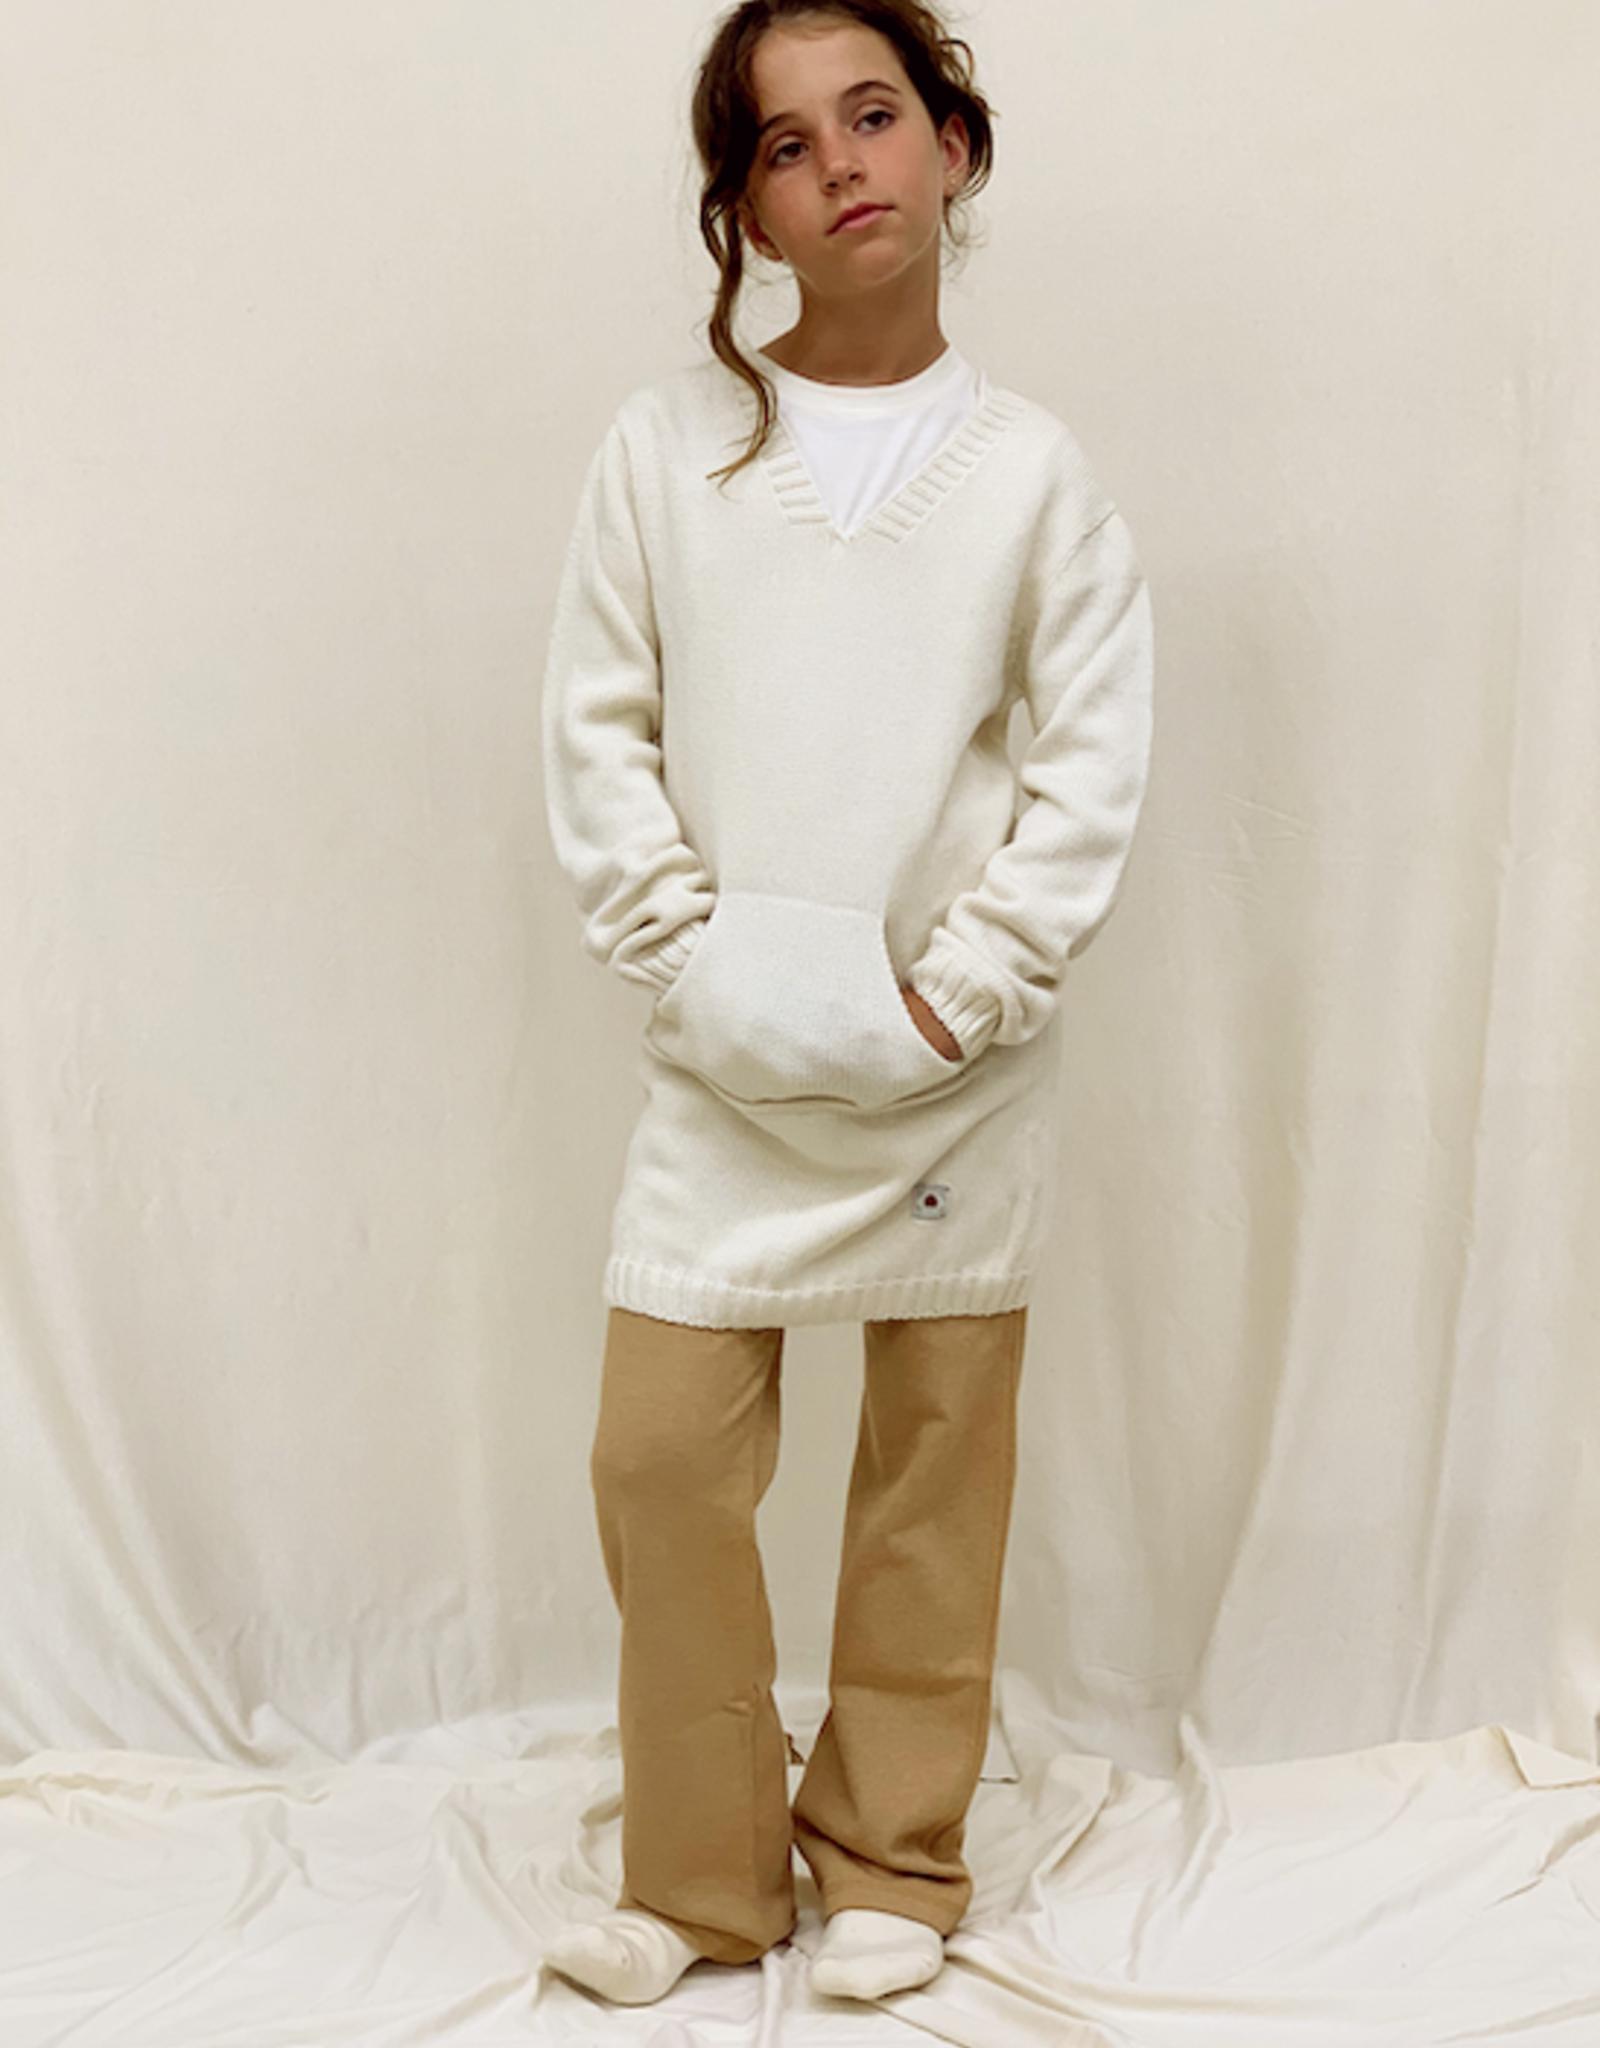 Sueter junior con capucha. Tallas 2, 4, 6 años.